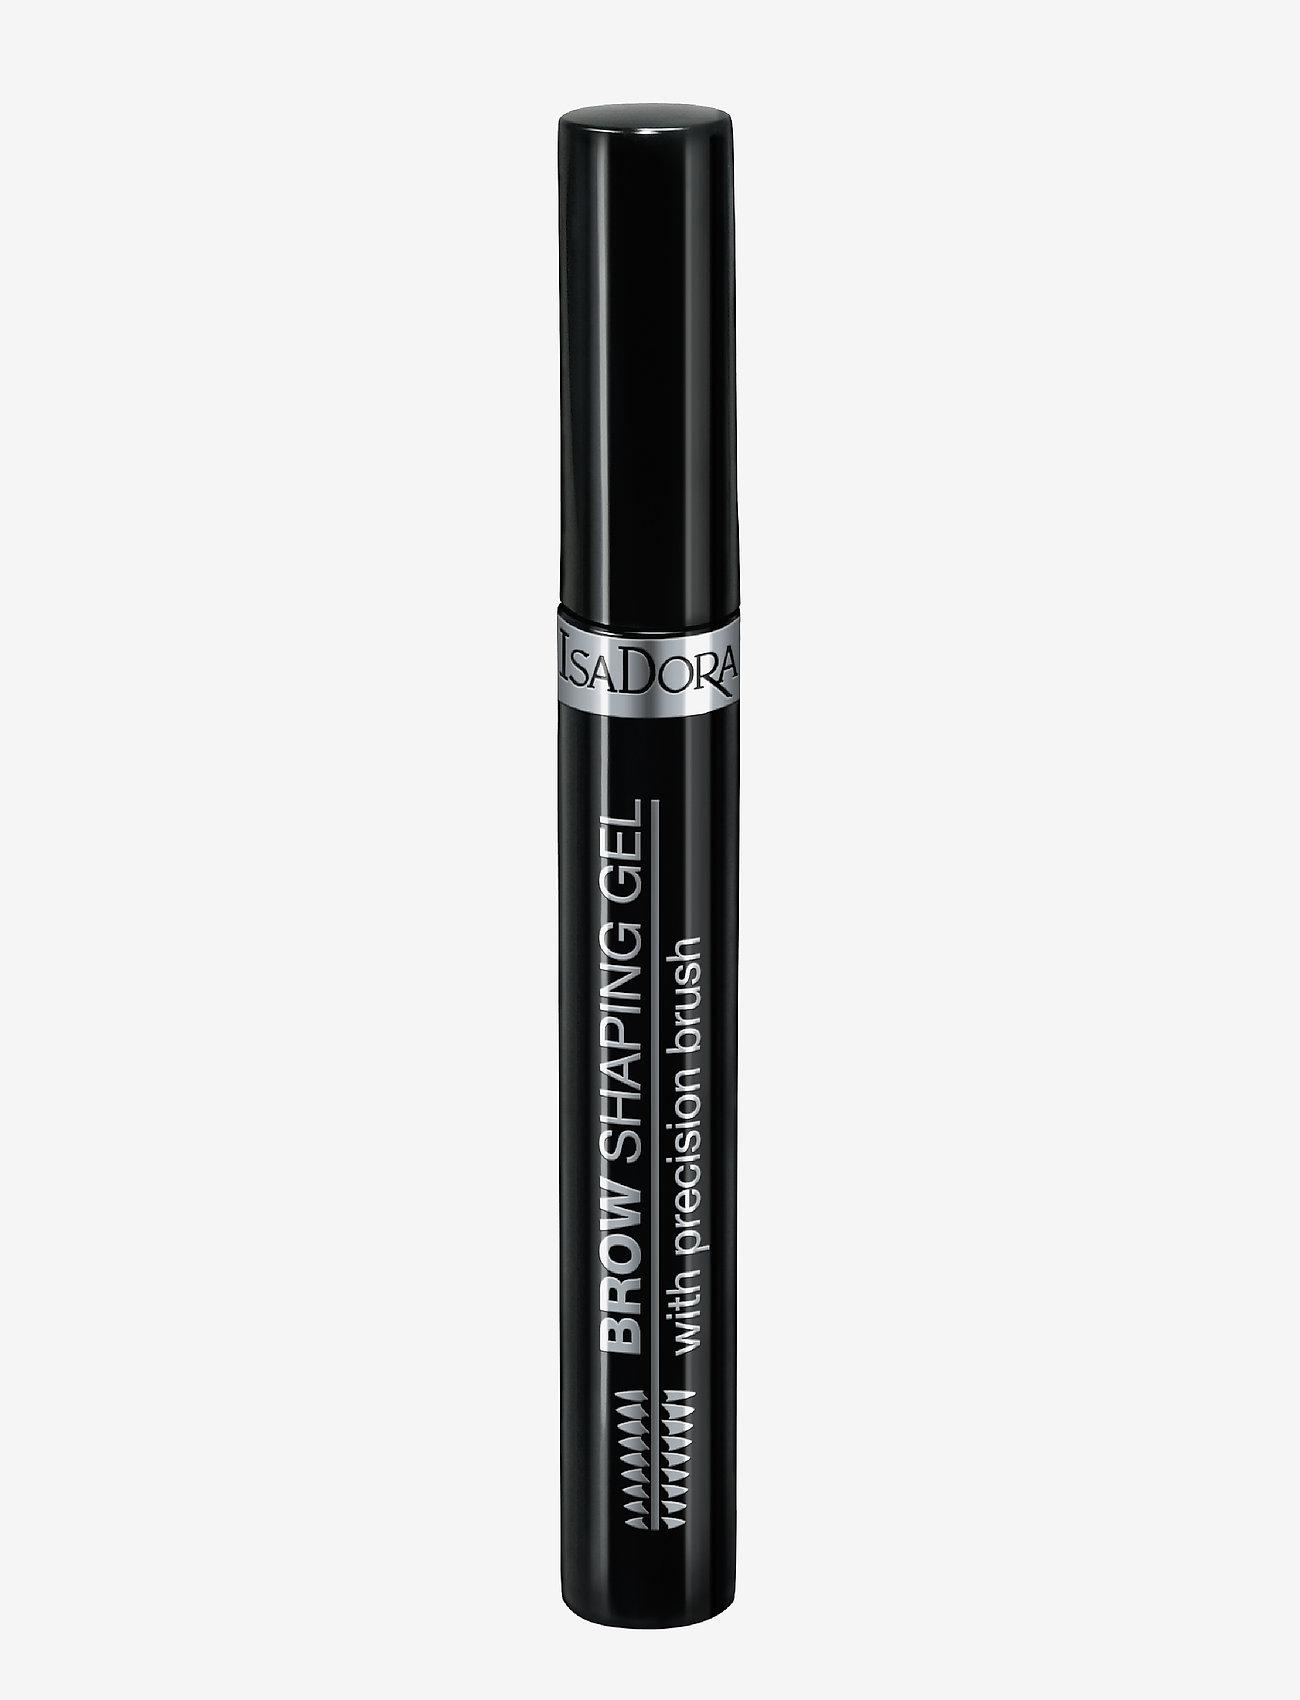 Isadora - BROW SHAPING GEL 60 TRANSPARENT - Øjenbrynsgel - 060 transparent - 0